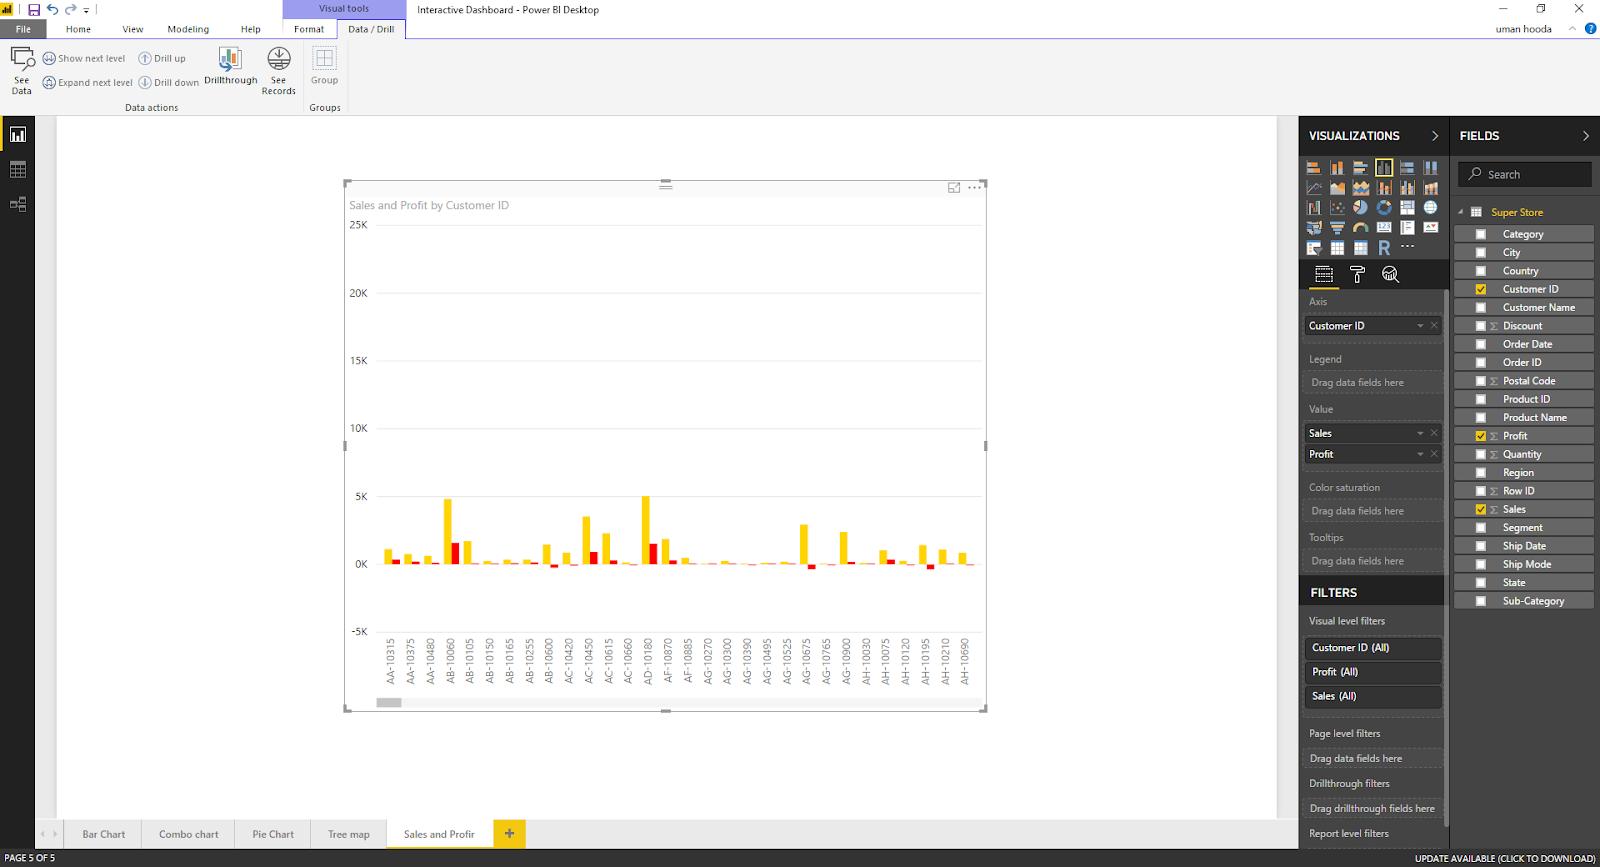 Interactive Dashboard In Microsoft Power BI 46